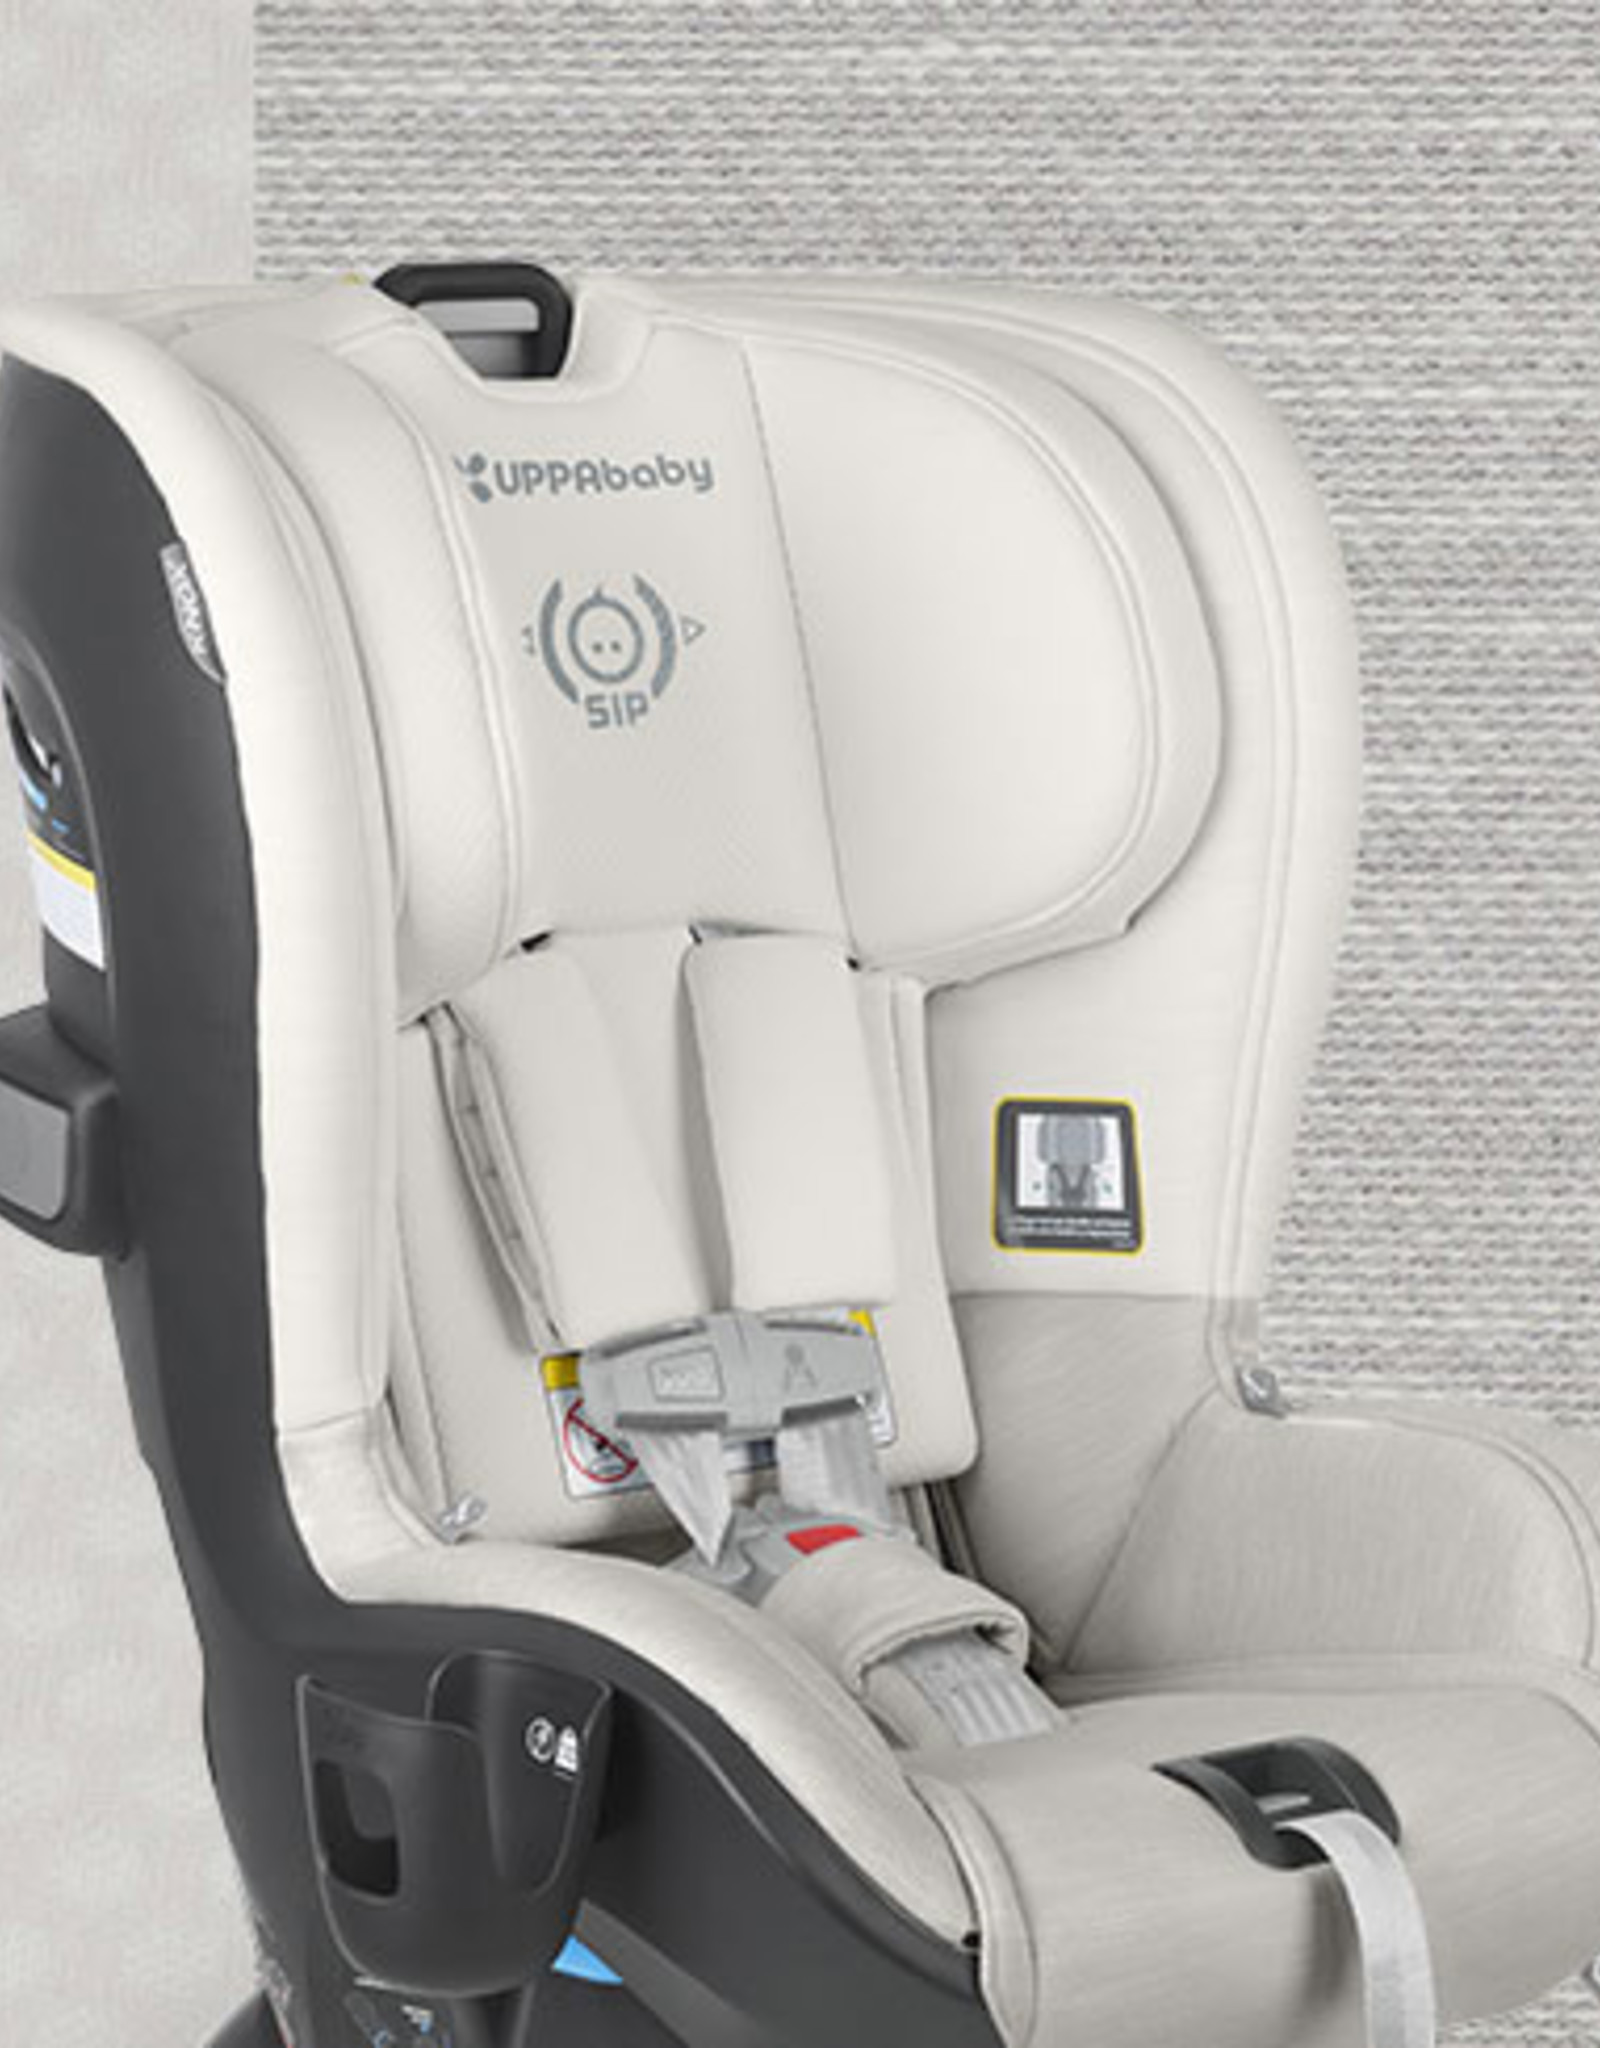 UPPAbaby Uppababy - Knox Convertable Car Seat